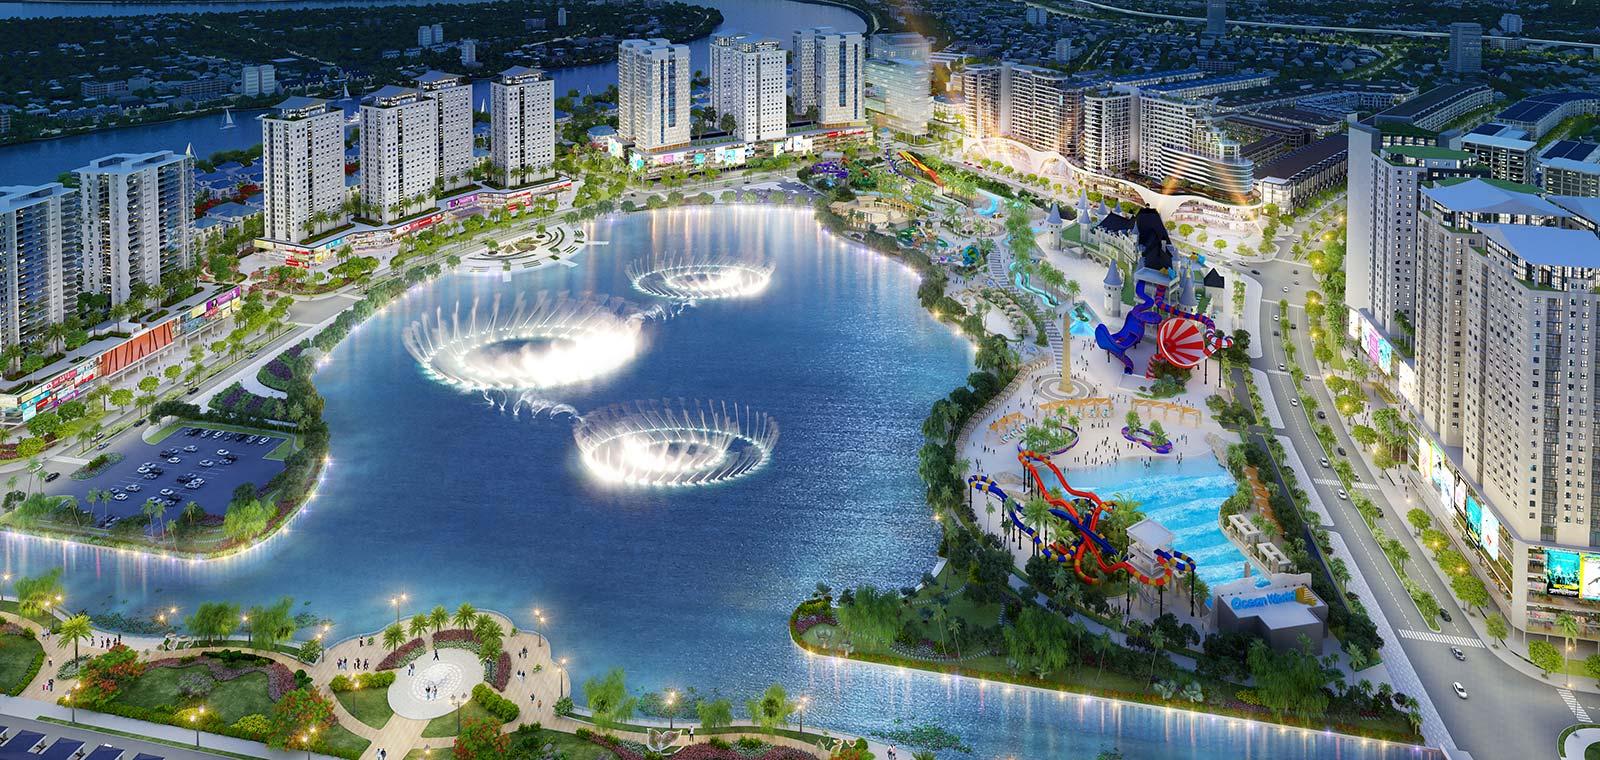 Hồ Đại Nhật quy mô 16ha như viên ngọc xanh giữa lòng khu đô thị Vạn Phúc City.